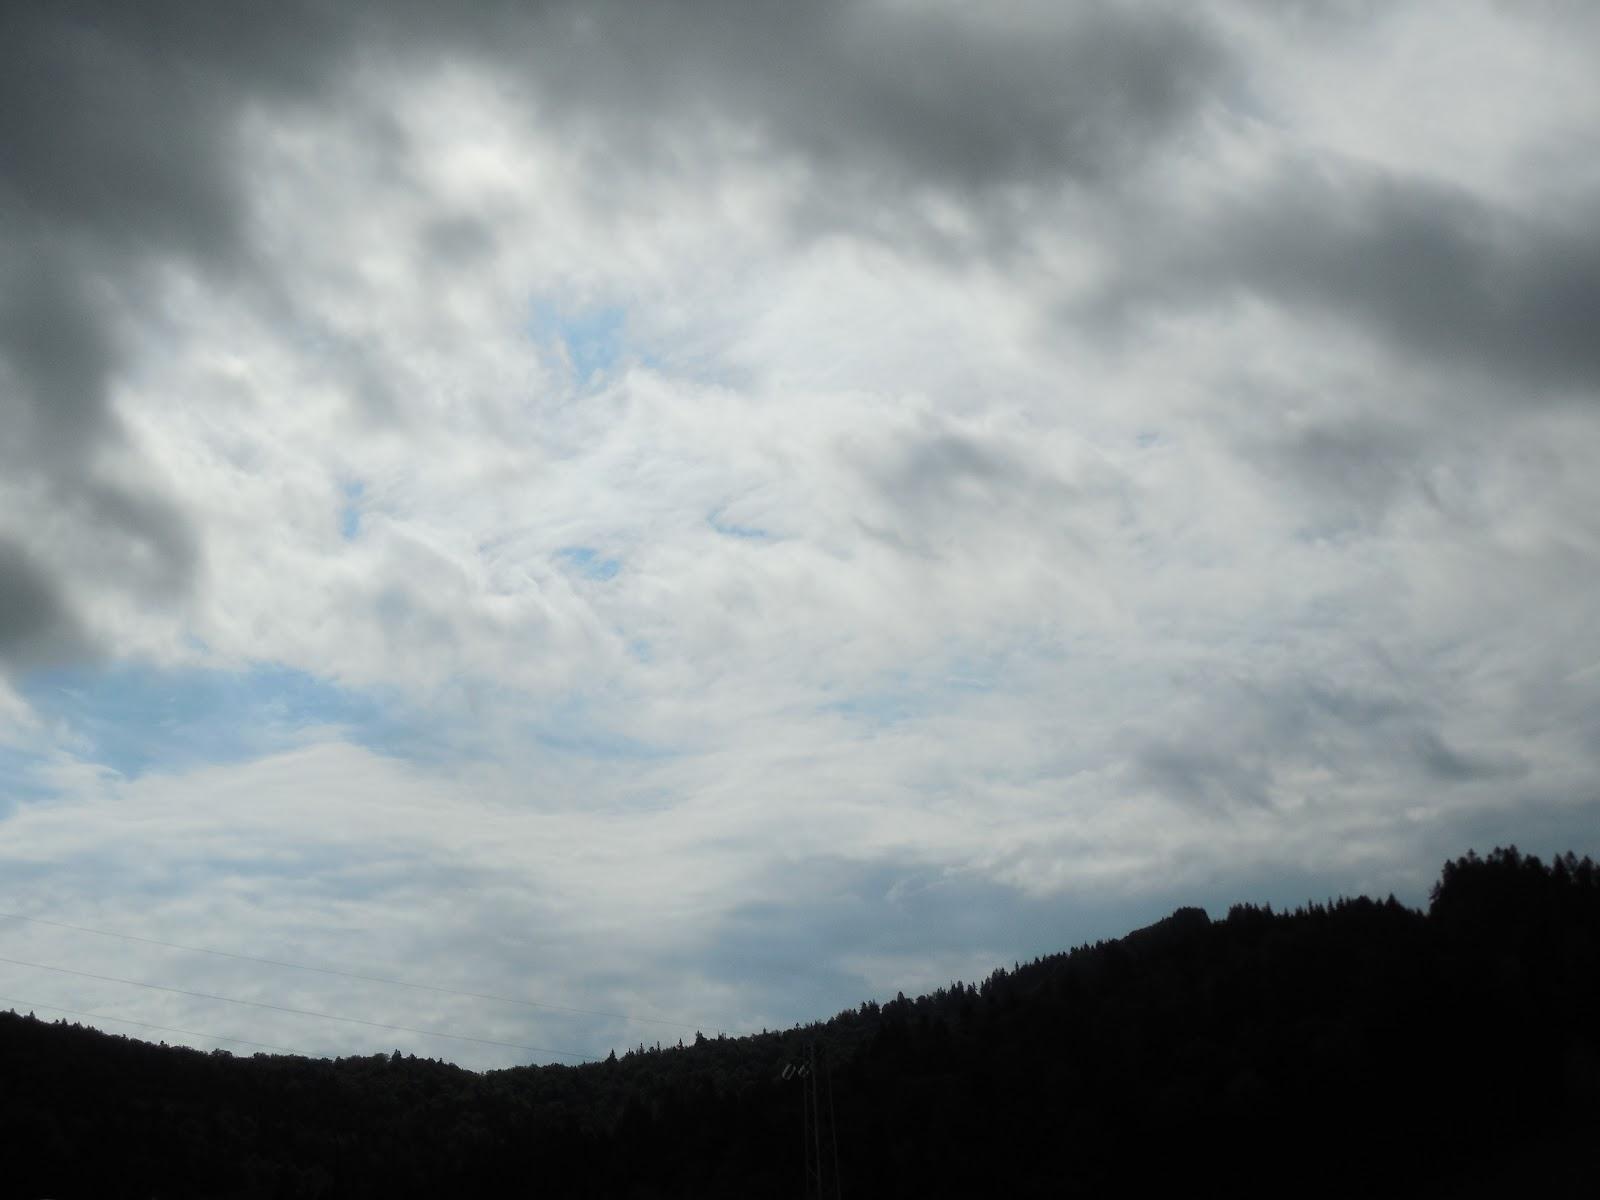 More than sky